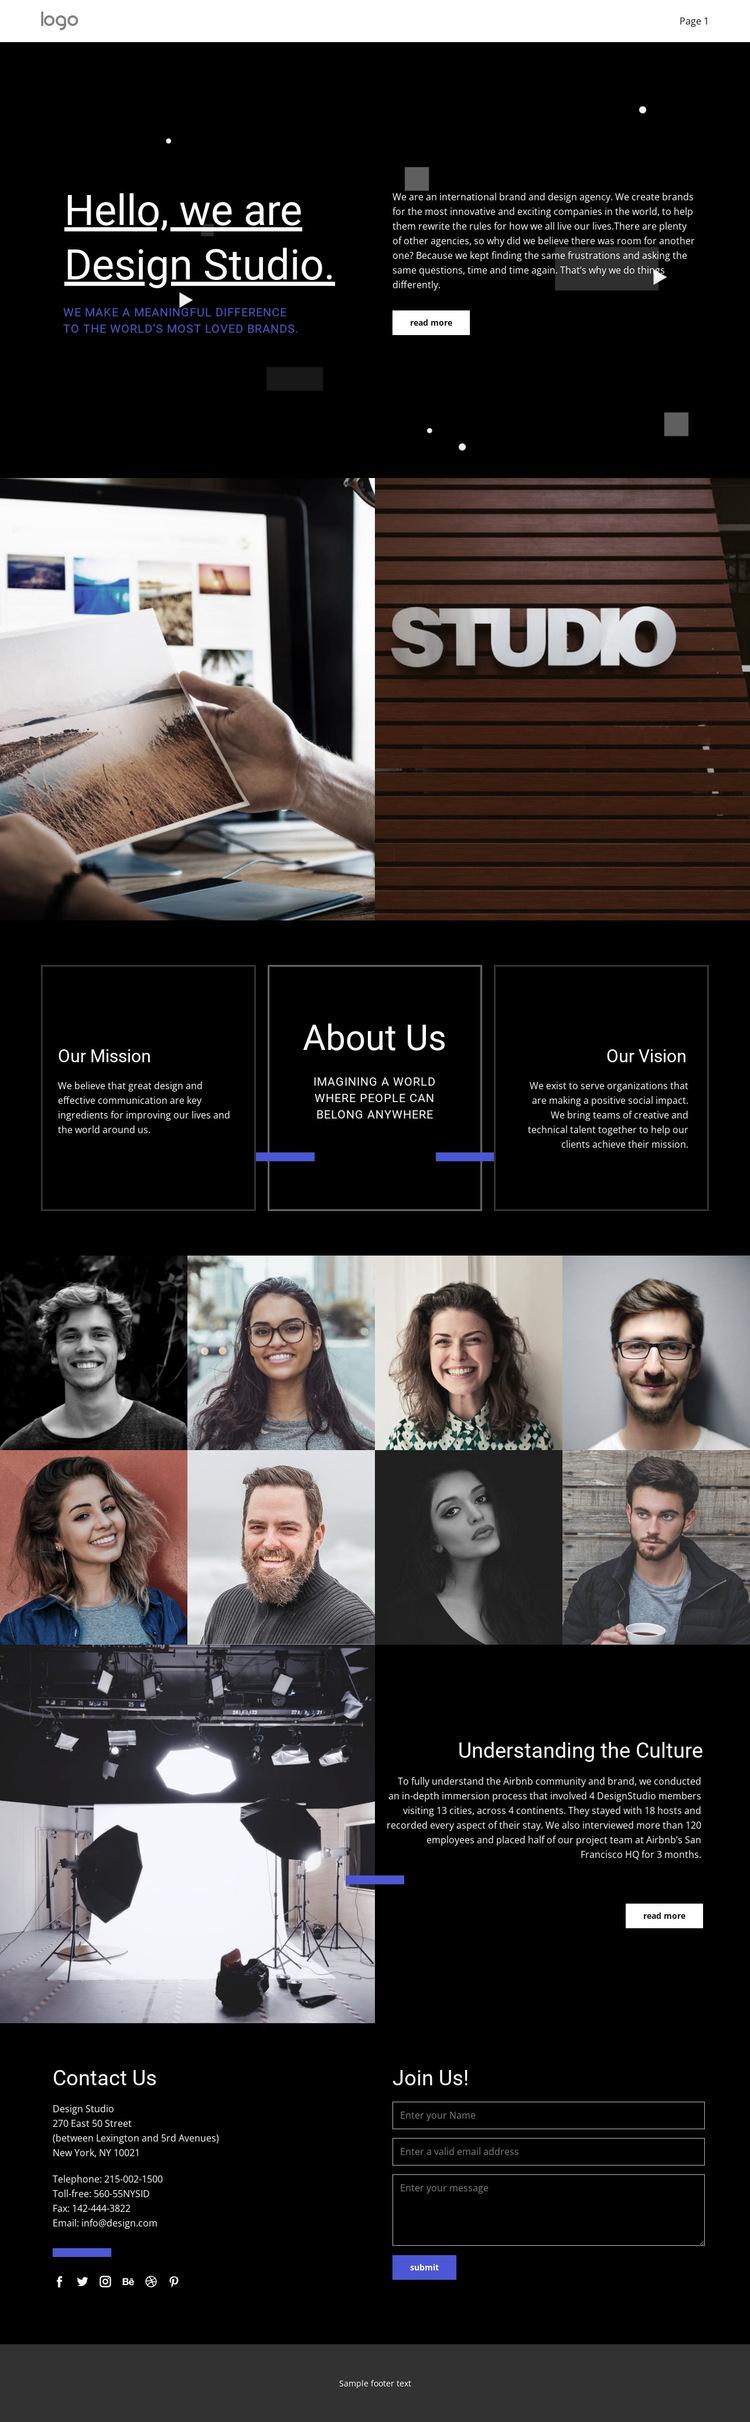 Our design is unique Website Builder